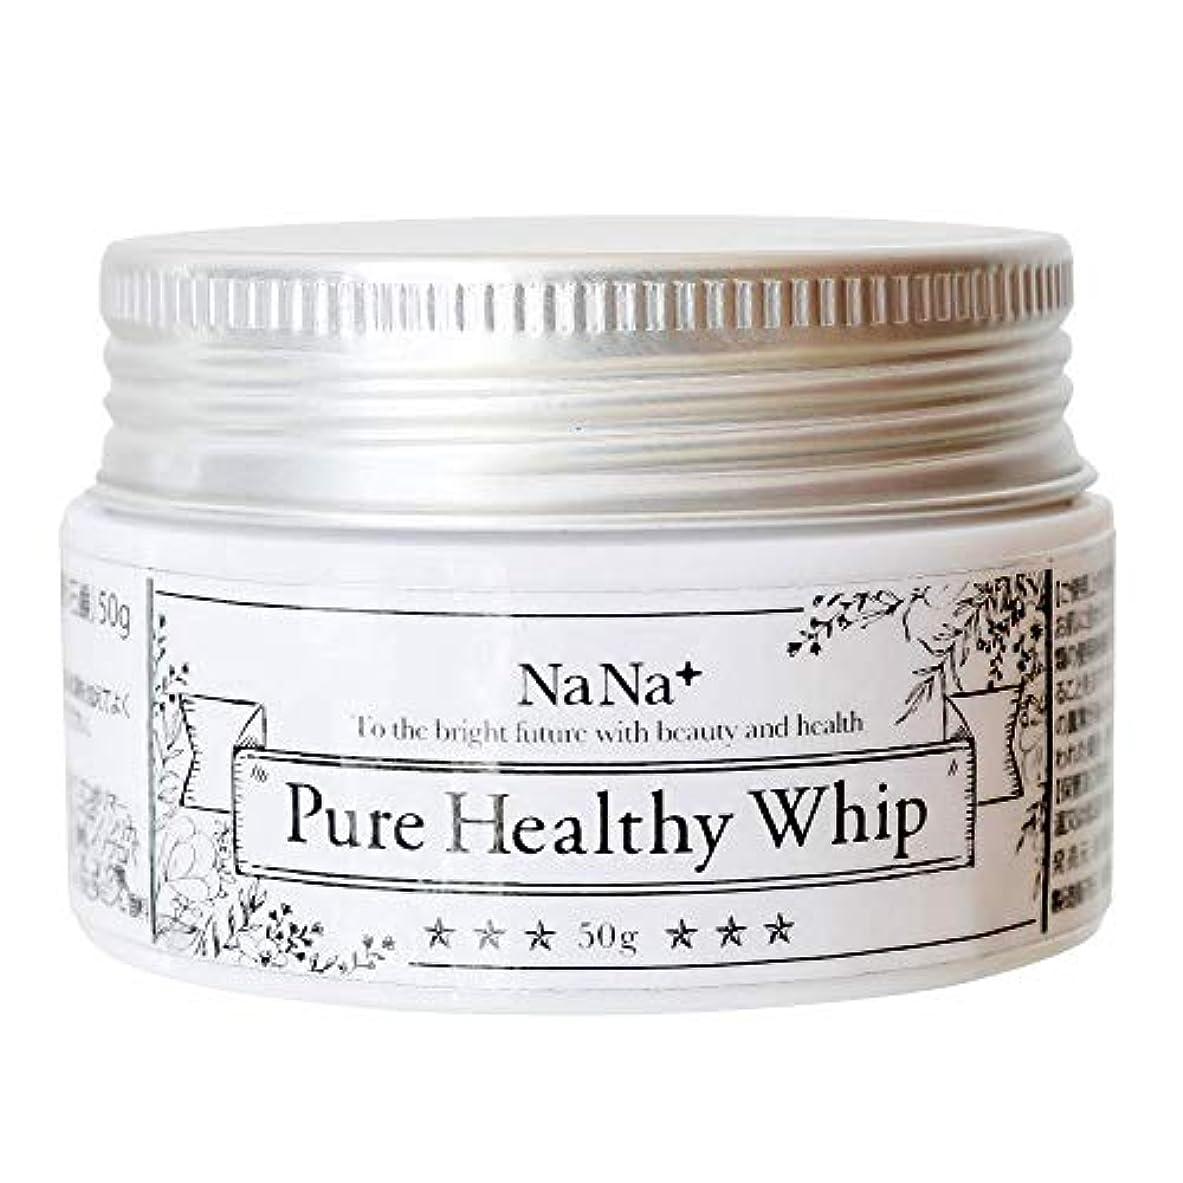 マイルドそこ気分が悪い洗顔 生せっけん 敏感肌 乾燥肌 の 毛穴 くすみ 黒ずみ ケア 肌に優しい無添加  nana+ピュアヘルシーホイップ